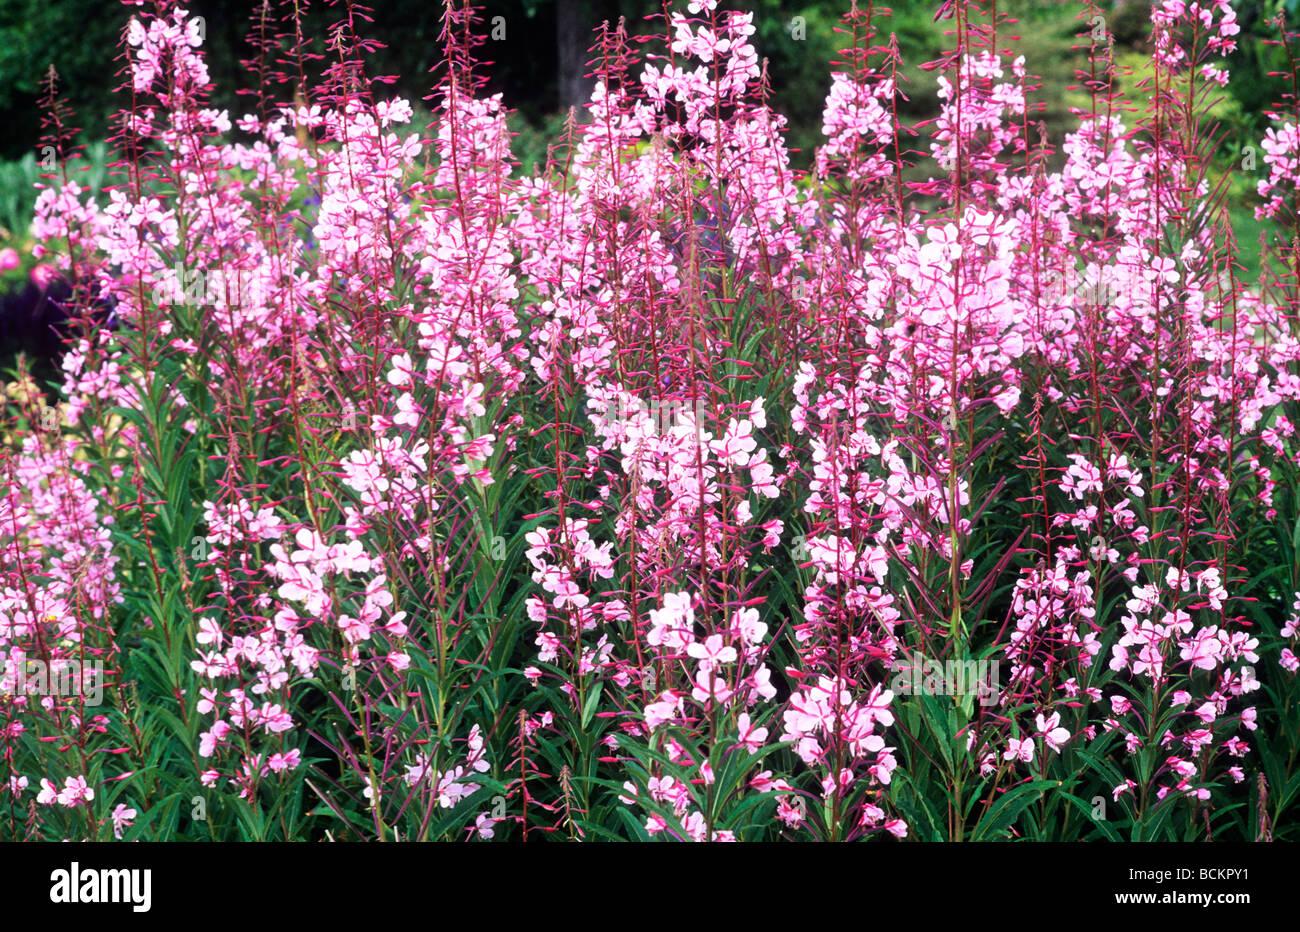 Epilobium Angustifolium Stahl Rose Growing In Border Pink Flower